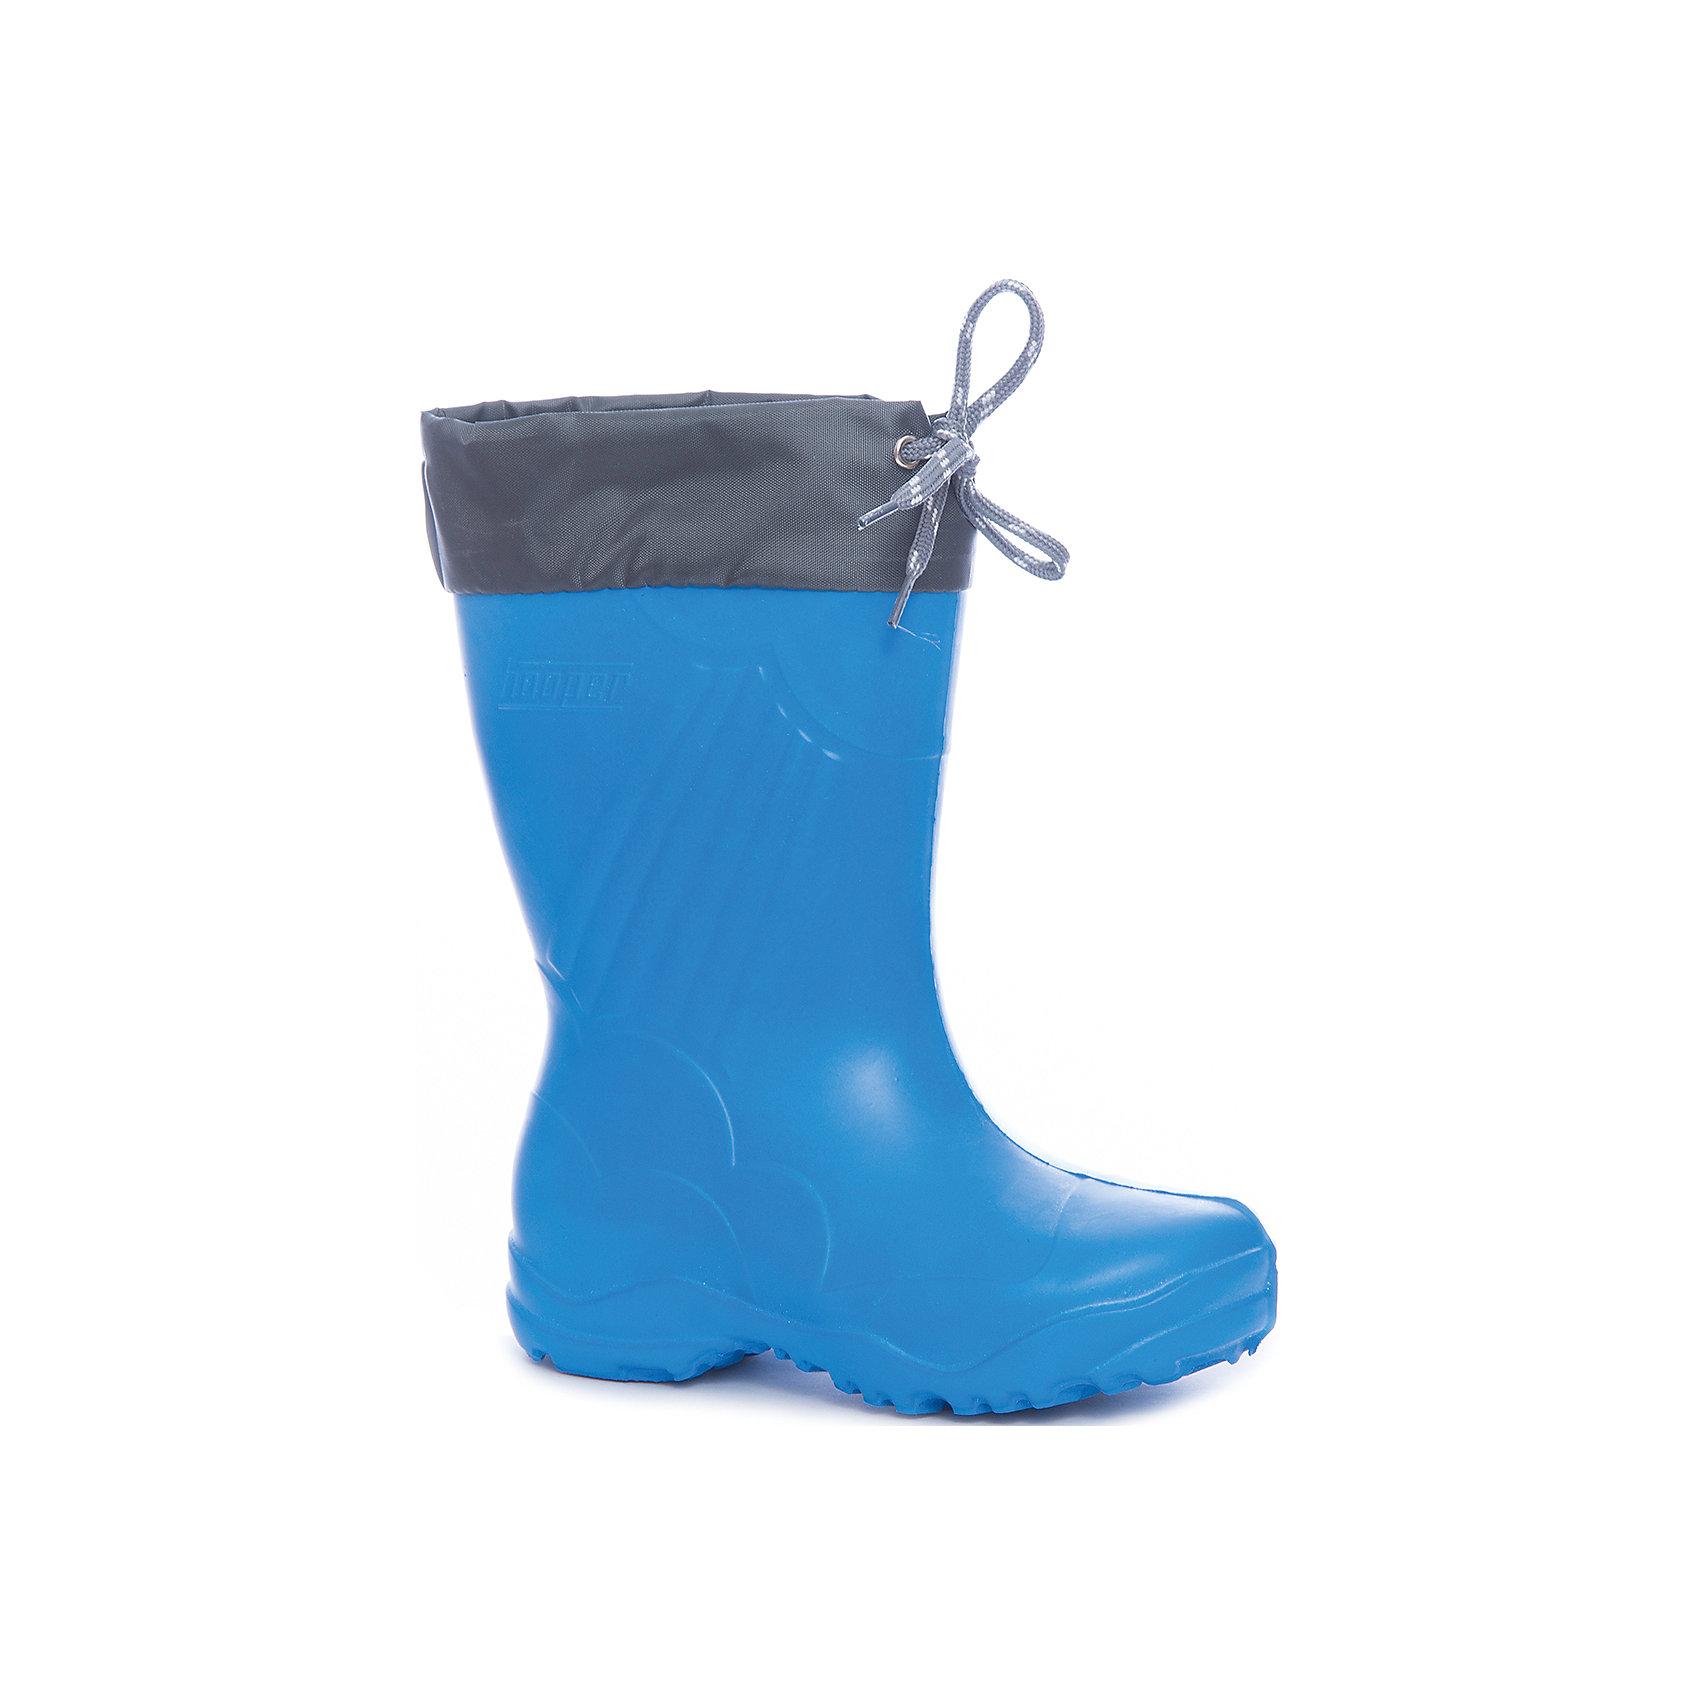 Резиновые сапоги для мальчика NordmanРезиновые сапоги<br>Характеристики товара:<br><br>• цвет: синий<br>• материал верха: ЭВА<br>• подклад: нетканое полотно<br>• стелька: нетканое полотно<br>• подошва: ЭВА<br>• сезон: зима, демисезон<br>• температурный режим: от +10 до -5<br>• сапожок съемный<br>• непромокаемые<br>• подошва не скользит<br>• анатомические <br>• страна бренда: Россия<br>• страна изготовитель: Россия<br><br>Резиновые сапоги для мальчика Nordman позволяют сохранить ноги в тепле и одновременно не дают им промокнуть. Такая обувь отлично подходит для теплой зимы или слякоти в межсезонье. <br><br>Высокое голенище с манжетой предотвращает попадание влаги или грязи в сапог. Флисовая мягкая подкладка обеспечивает ногам комфортные условия. Съемный сапожок быстро высыхает.<br><br>Резиновые сапоги для мальчика Nordman (Нордман) можно купить в нашем интернет-магазине.<br><br>Ширина мм: 237<br>Глубина мм: 180<br>Высота мм: 152<br>Вес г: 438<br>Цвет: синий<br>Возраст от месяцев: 108<br>Возраст до месяцев: 120<br>Пол: Мужской<br>Возраст: Детский<br>Размер: 32/33,24/25,25/26,26/27,27/28,28/29,29/30,30/31,31/32<br>SKU: 6867519